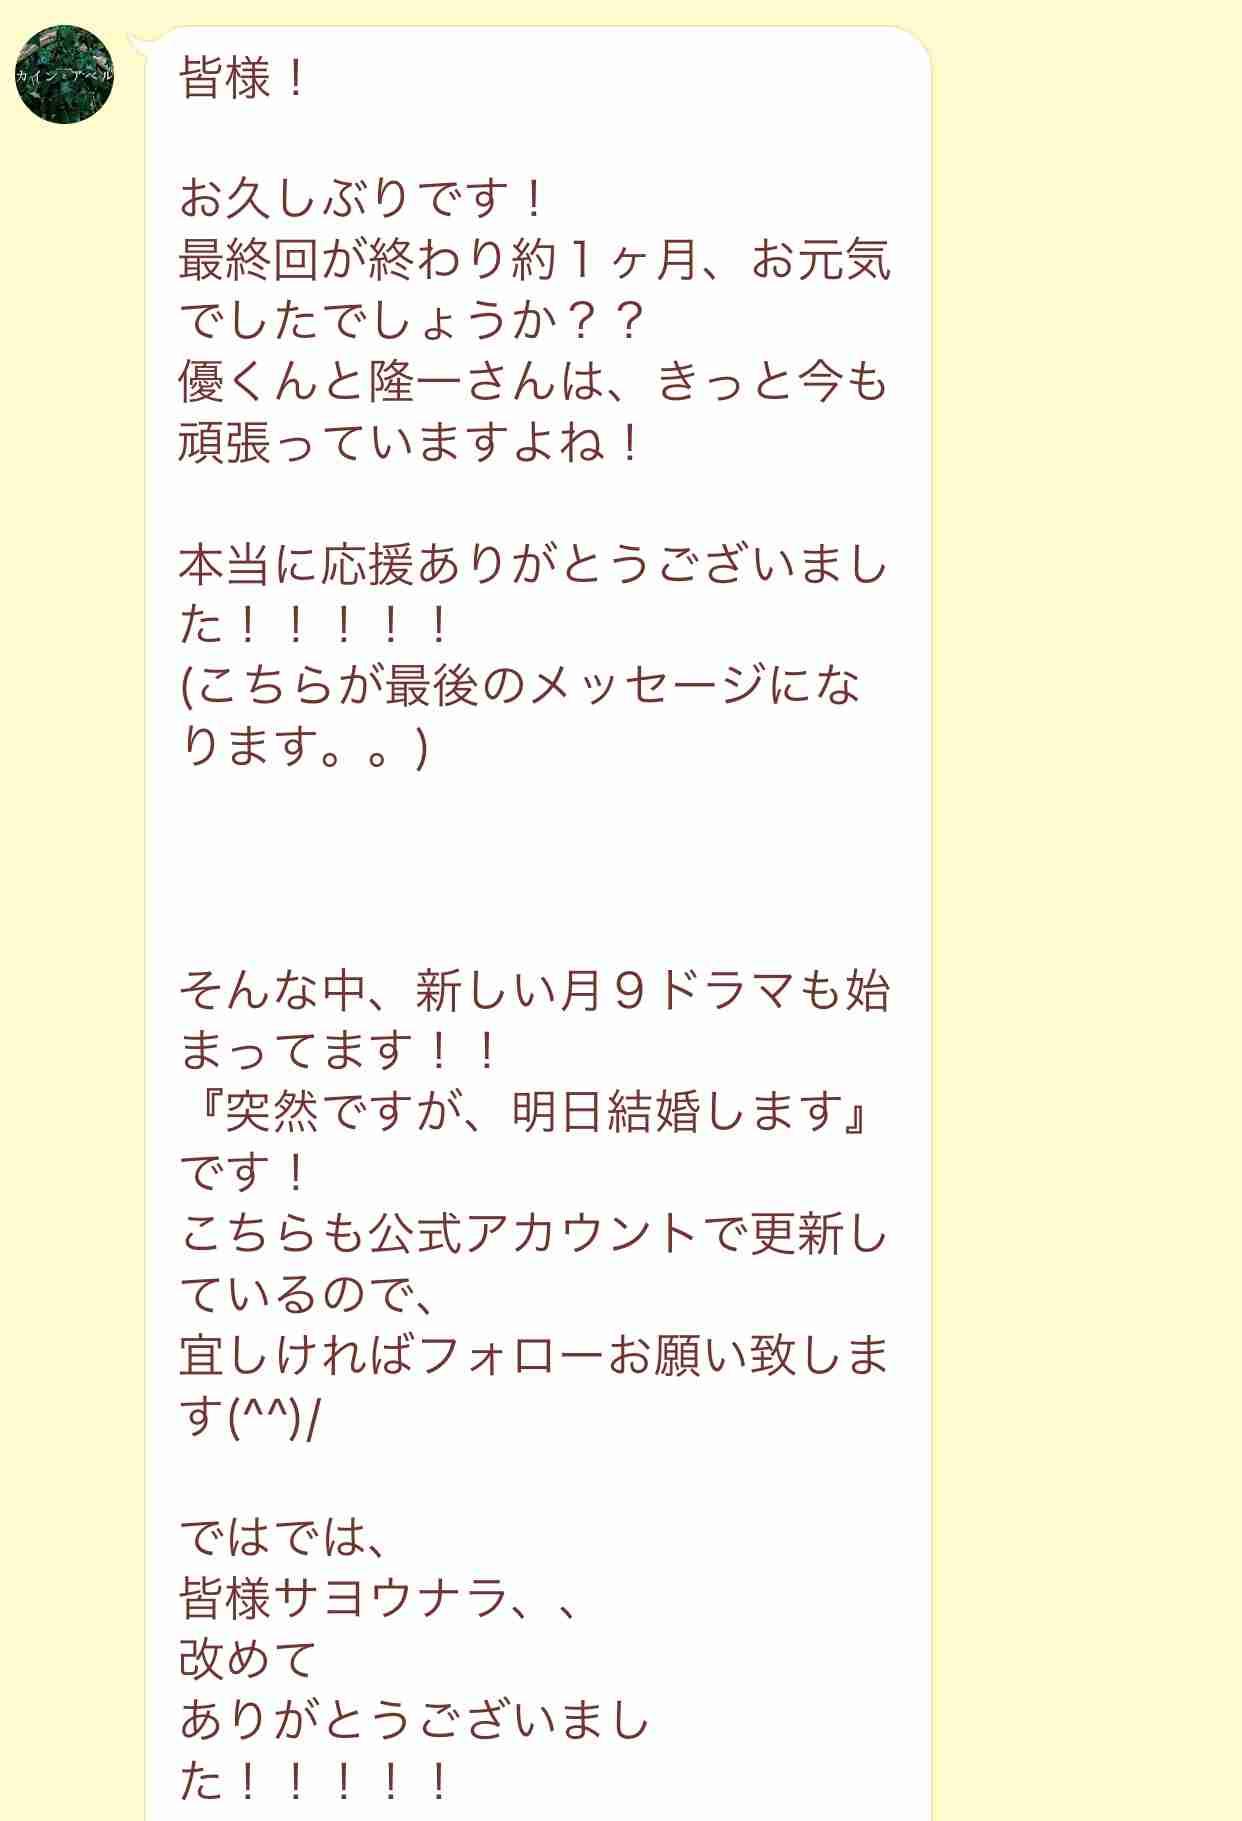 【実況・感想】映画「暗殺教室」